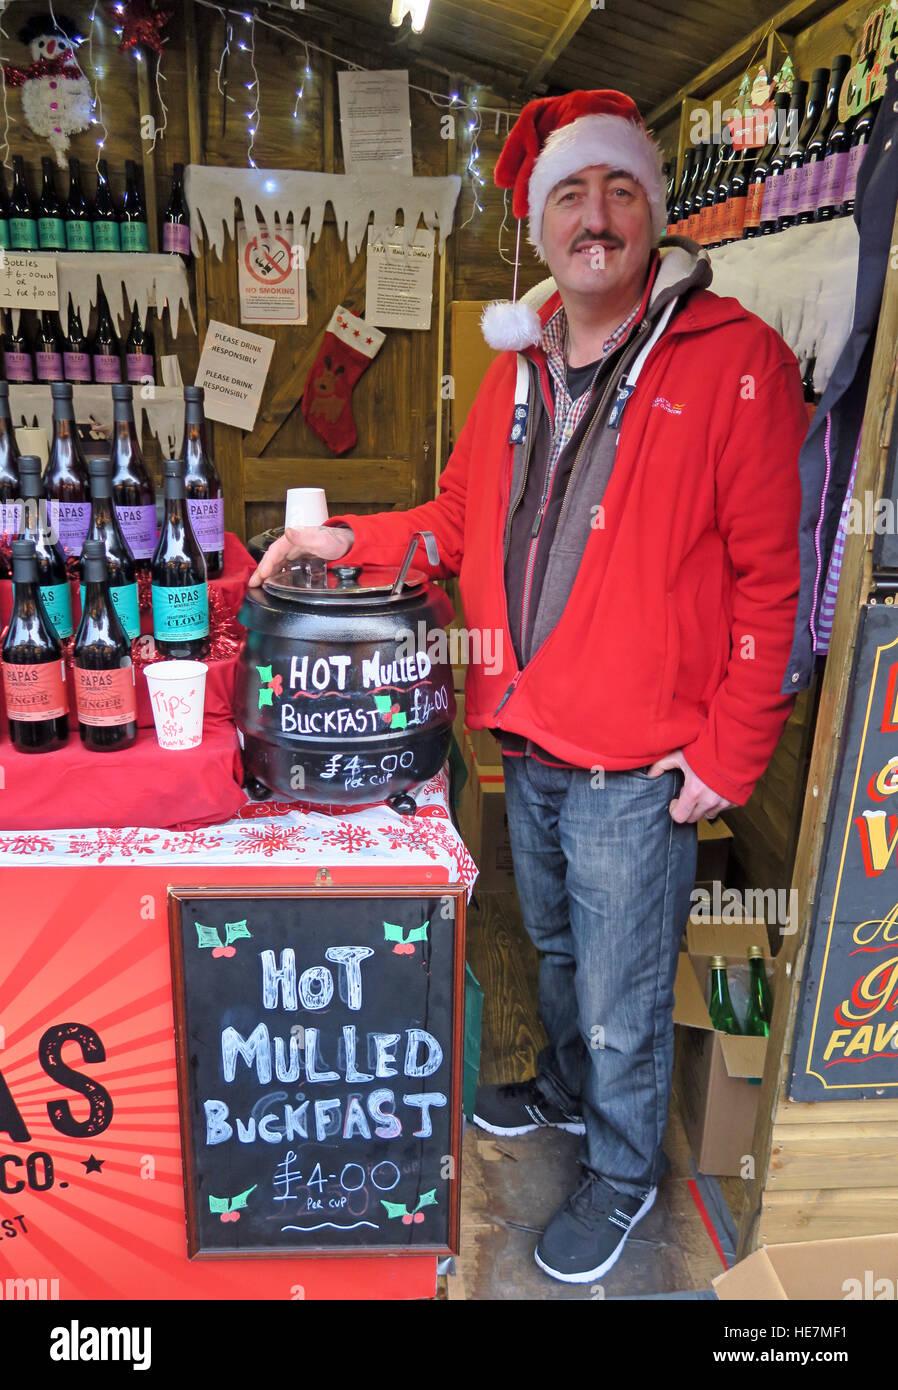 Laden Sie dieses Alamy Stockfoto Heißer Glühwein Buckfast Stärkungsmittel Wein Glasgow deutschen Markt, Scotland, UK - HE7MF1